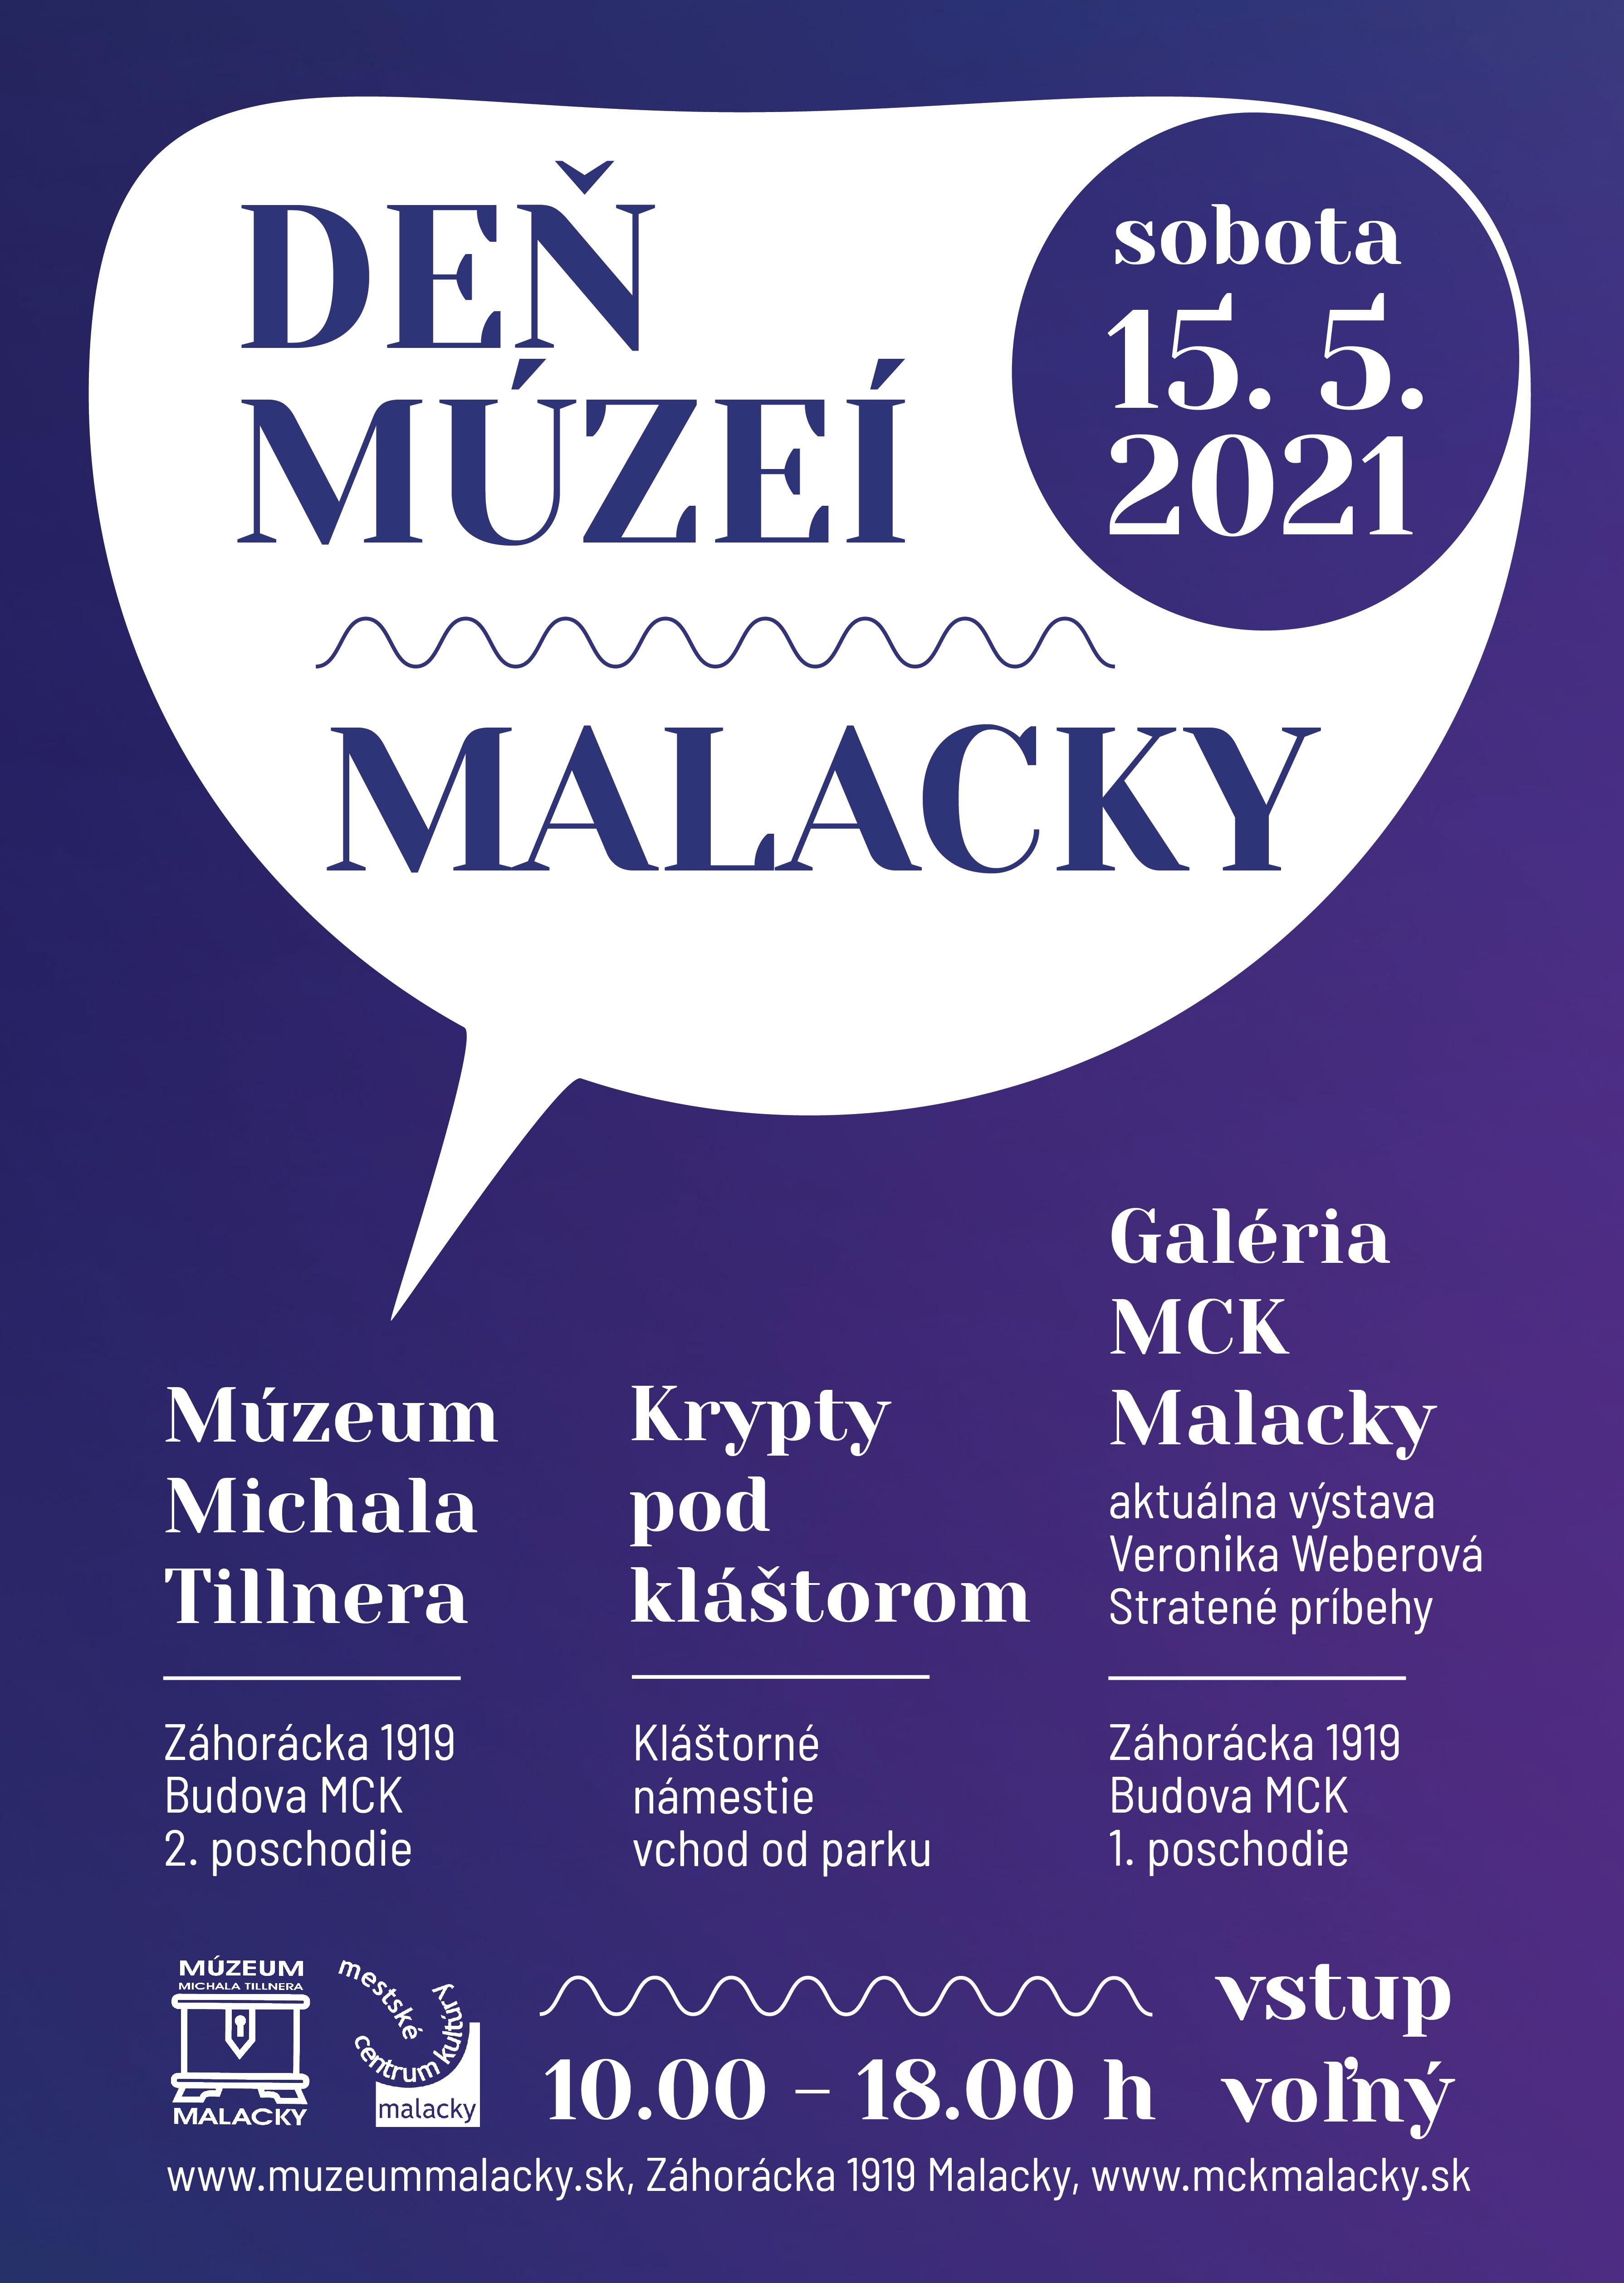 15_5_2021_den_muzei-01-01jpg